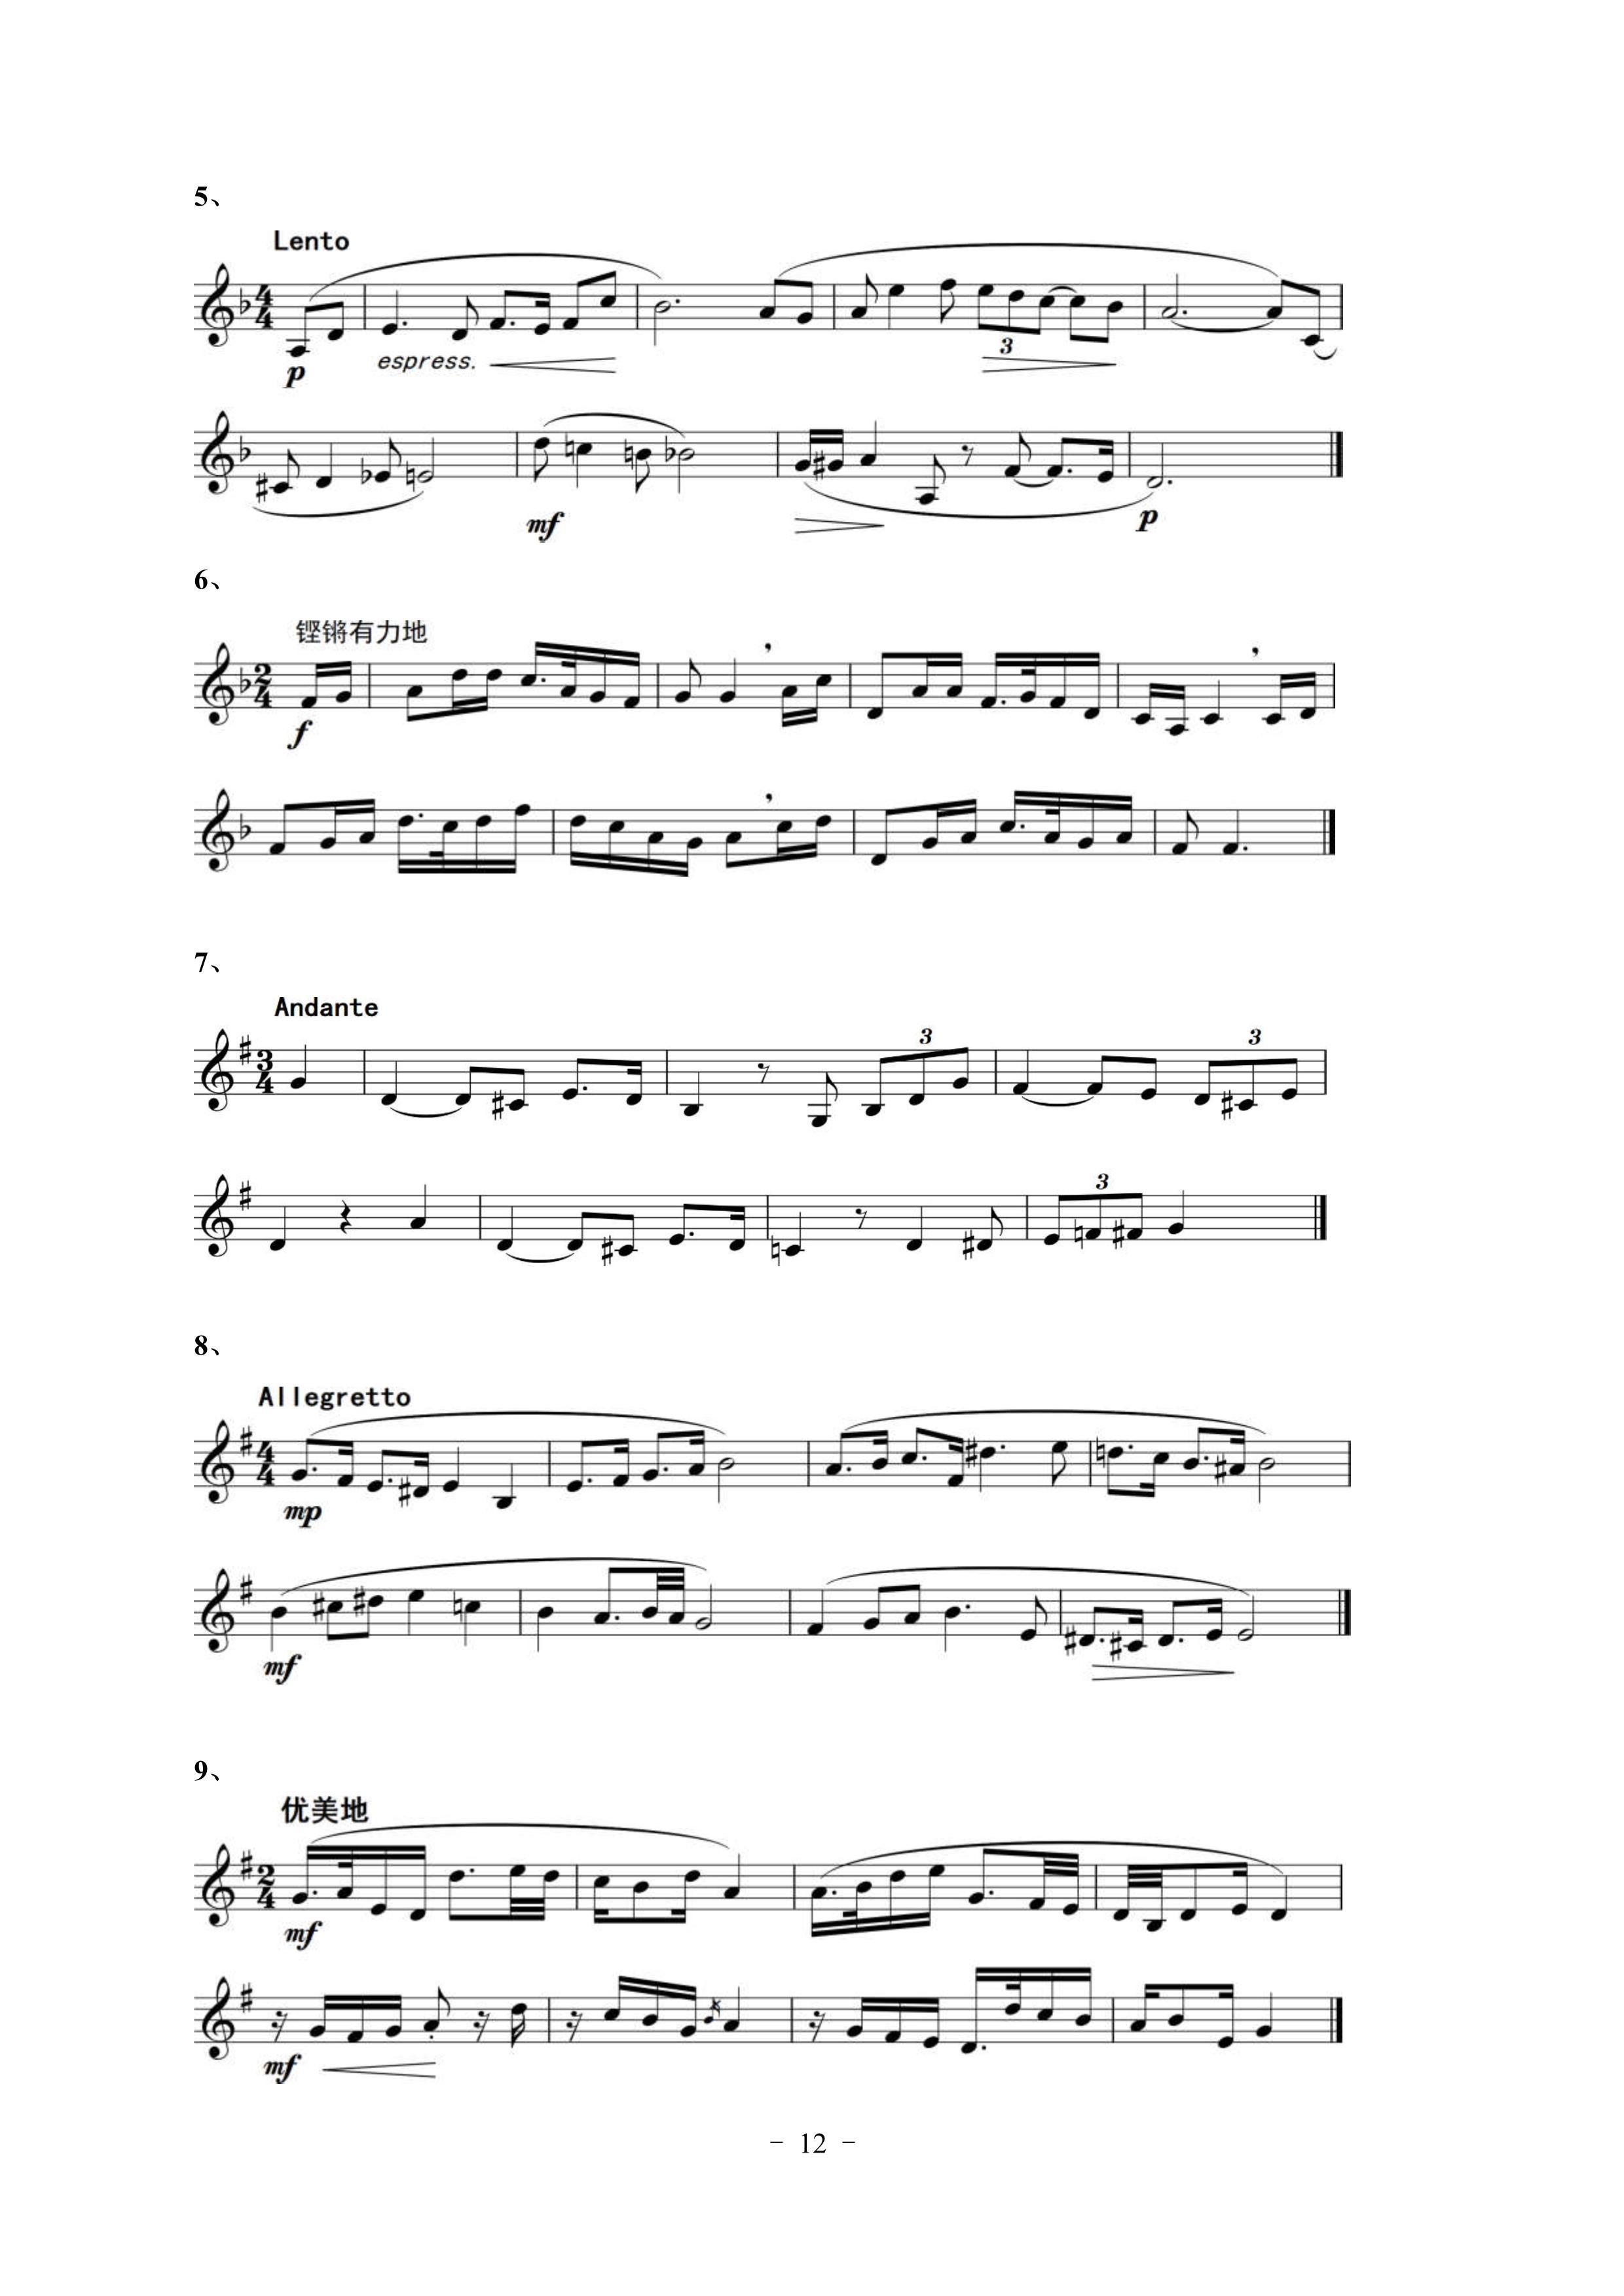 音乐学类_12.jpg